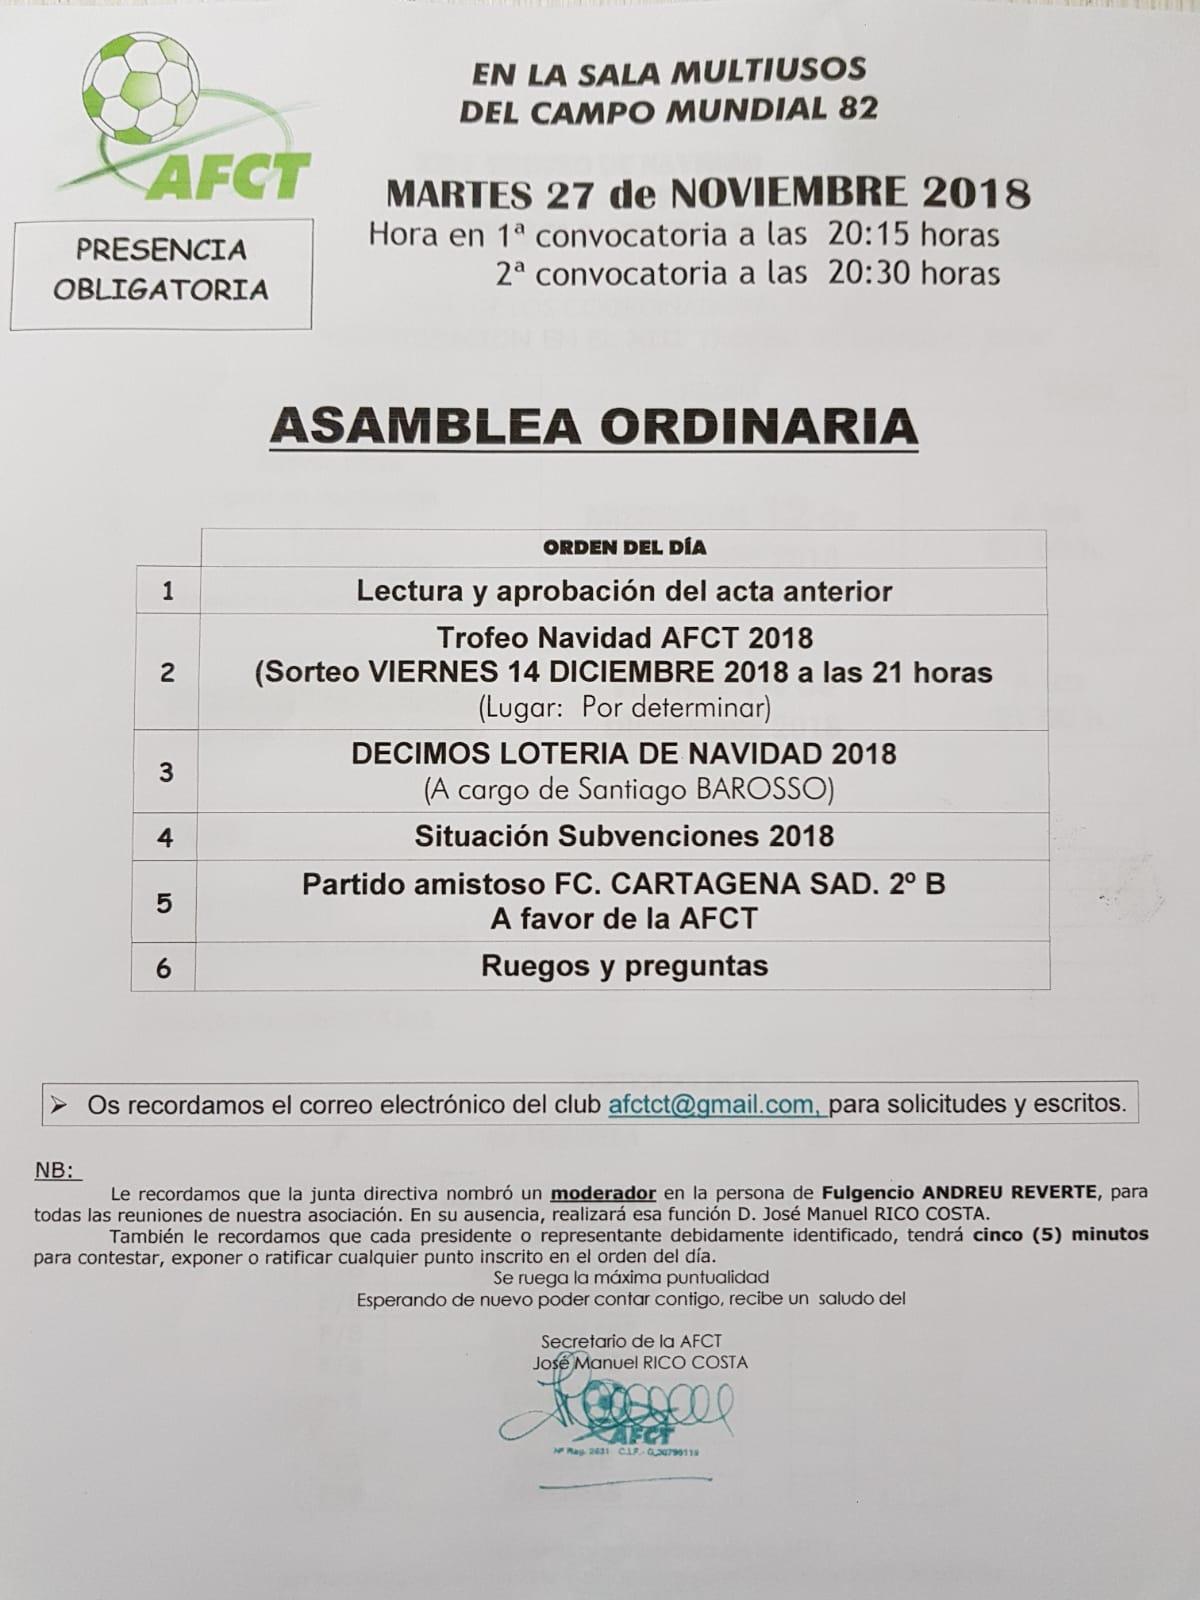 ASOCIACIÓN CLUBS DE FUTFOL DE CARTAGENA